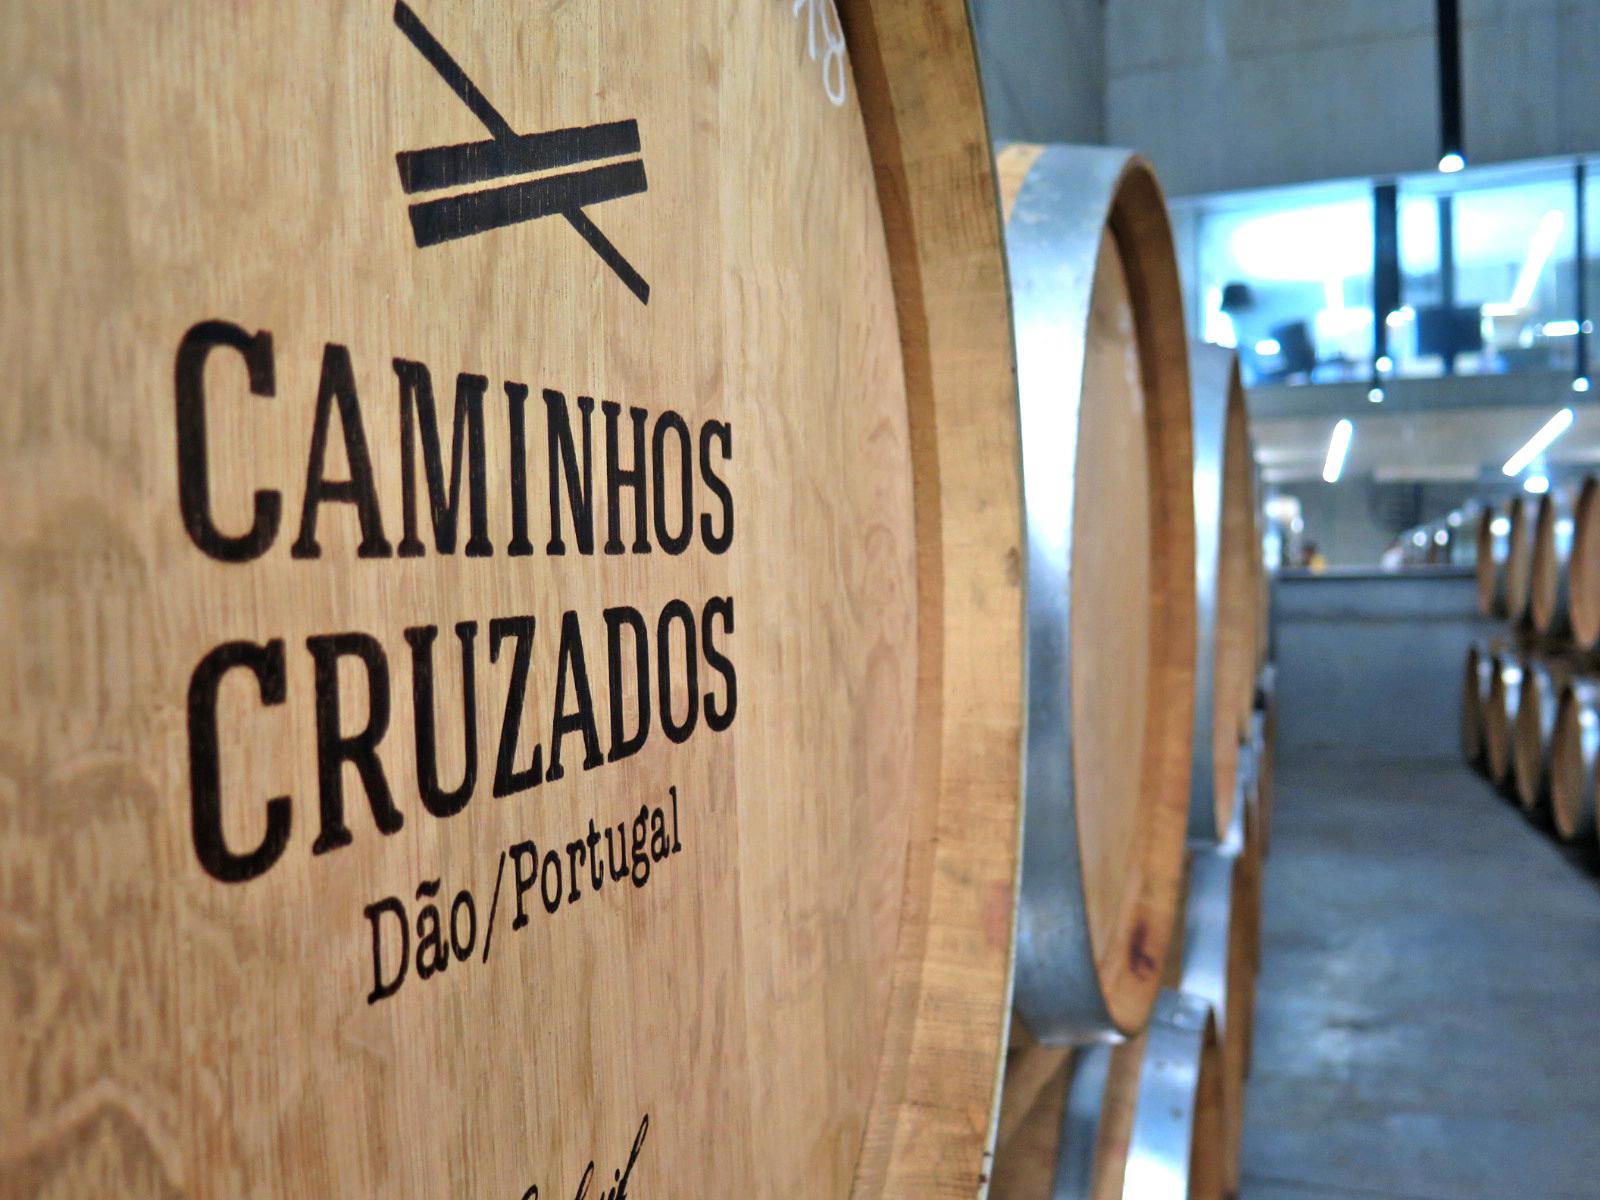 CAMINHOS CRUZADOS 1.JPG